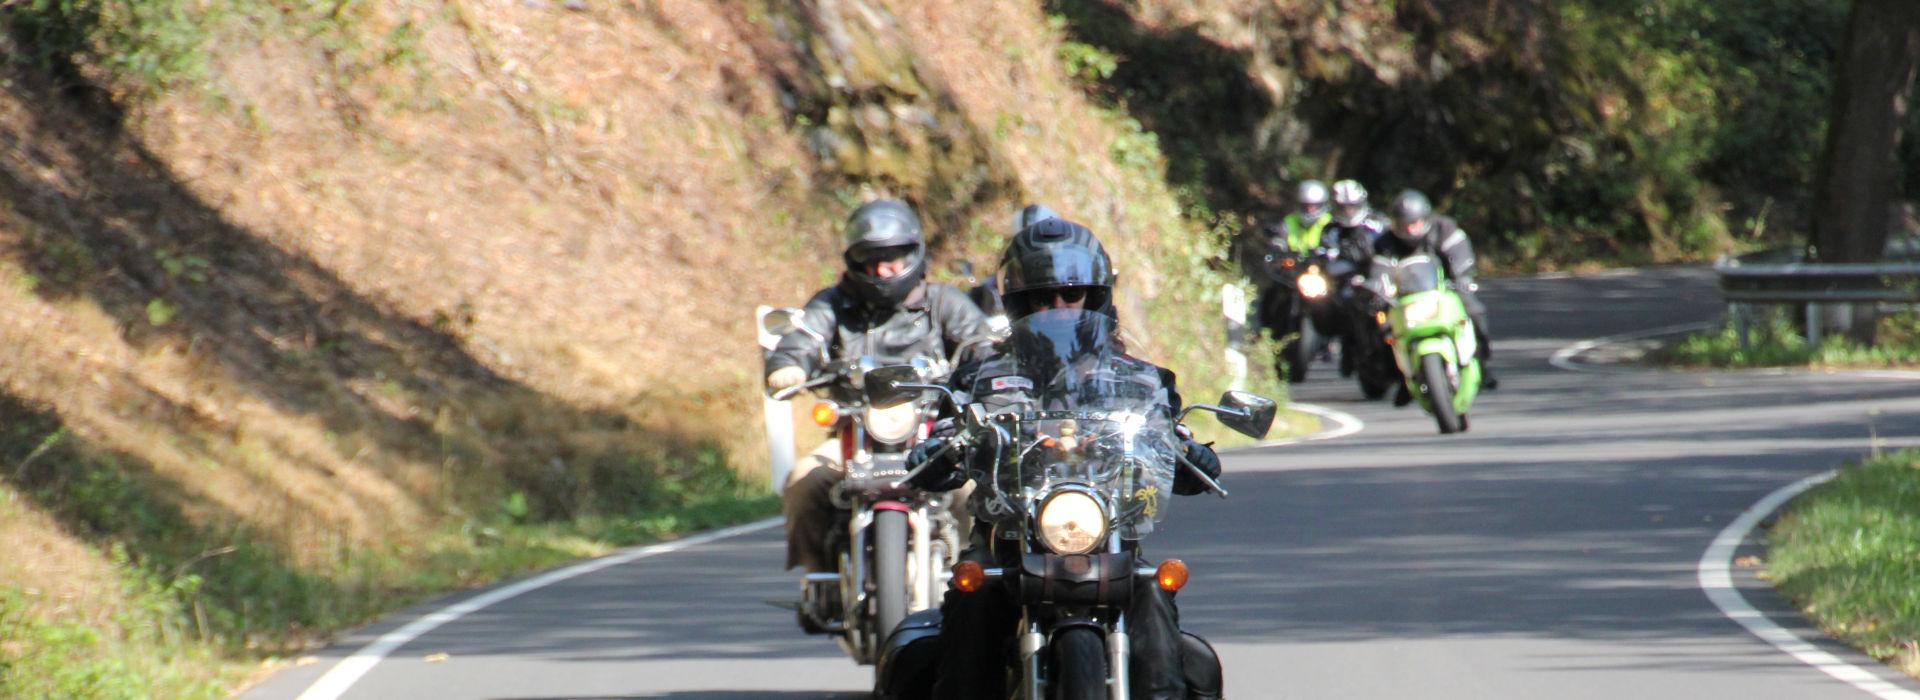 Motorrijbewijspoint Borssele snel motorrijbewijs halen